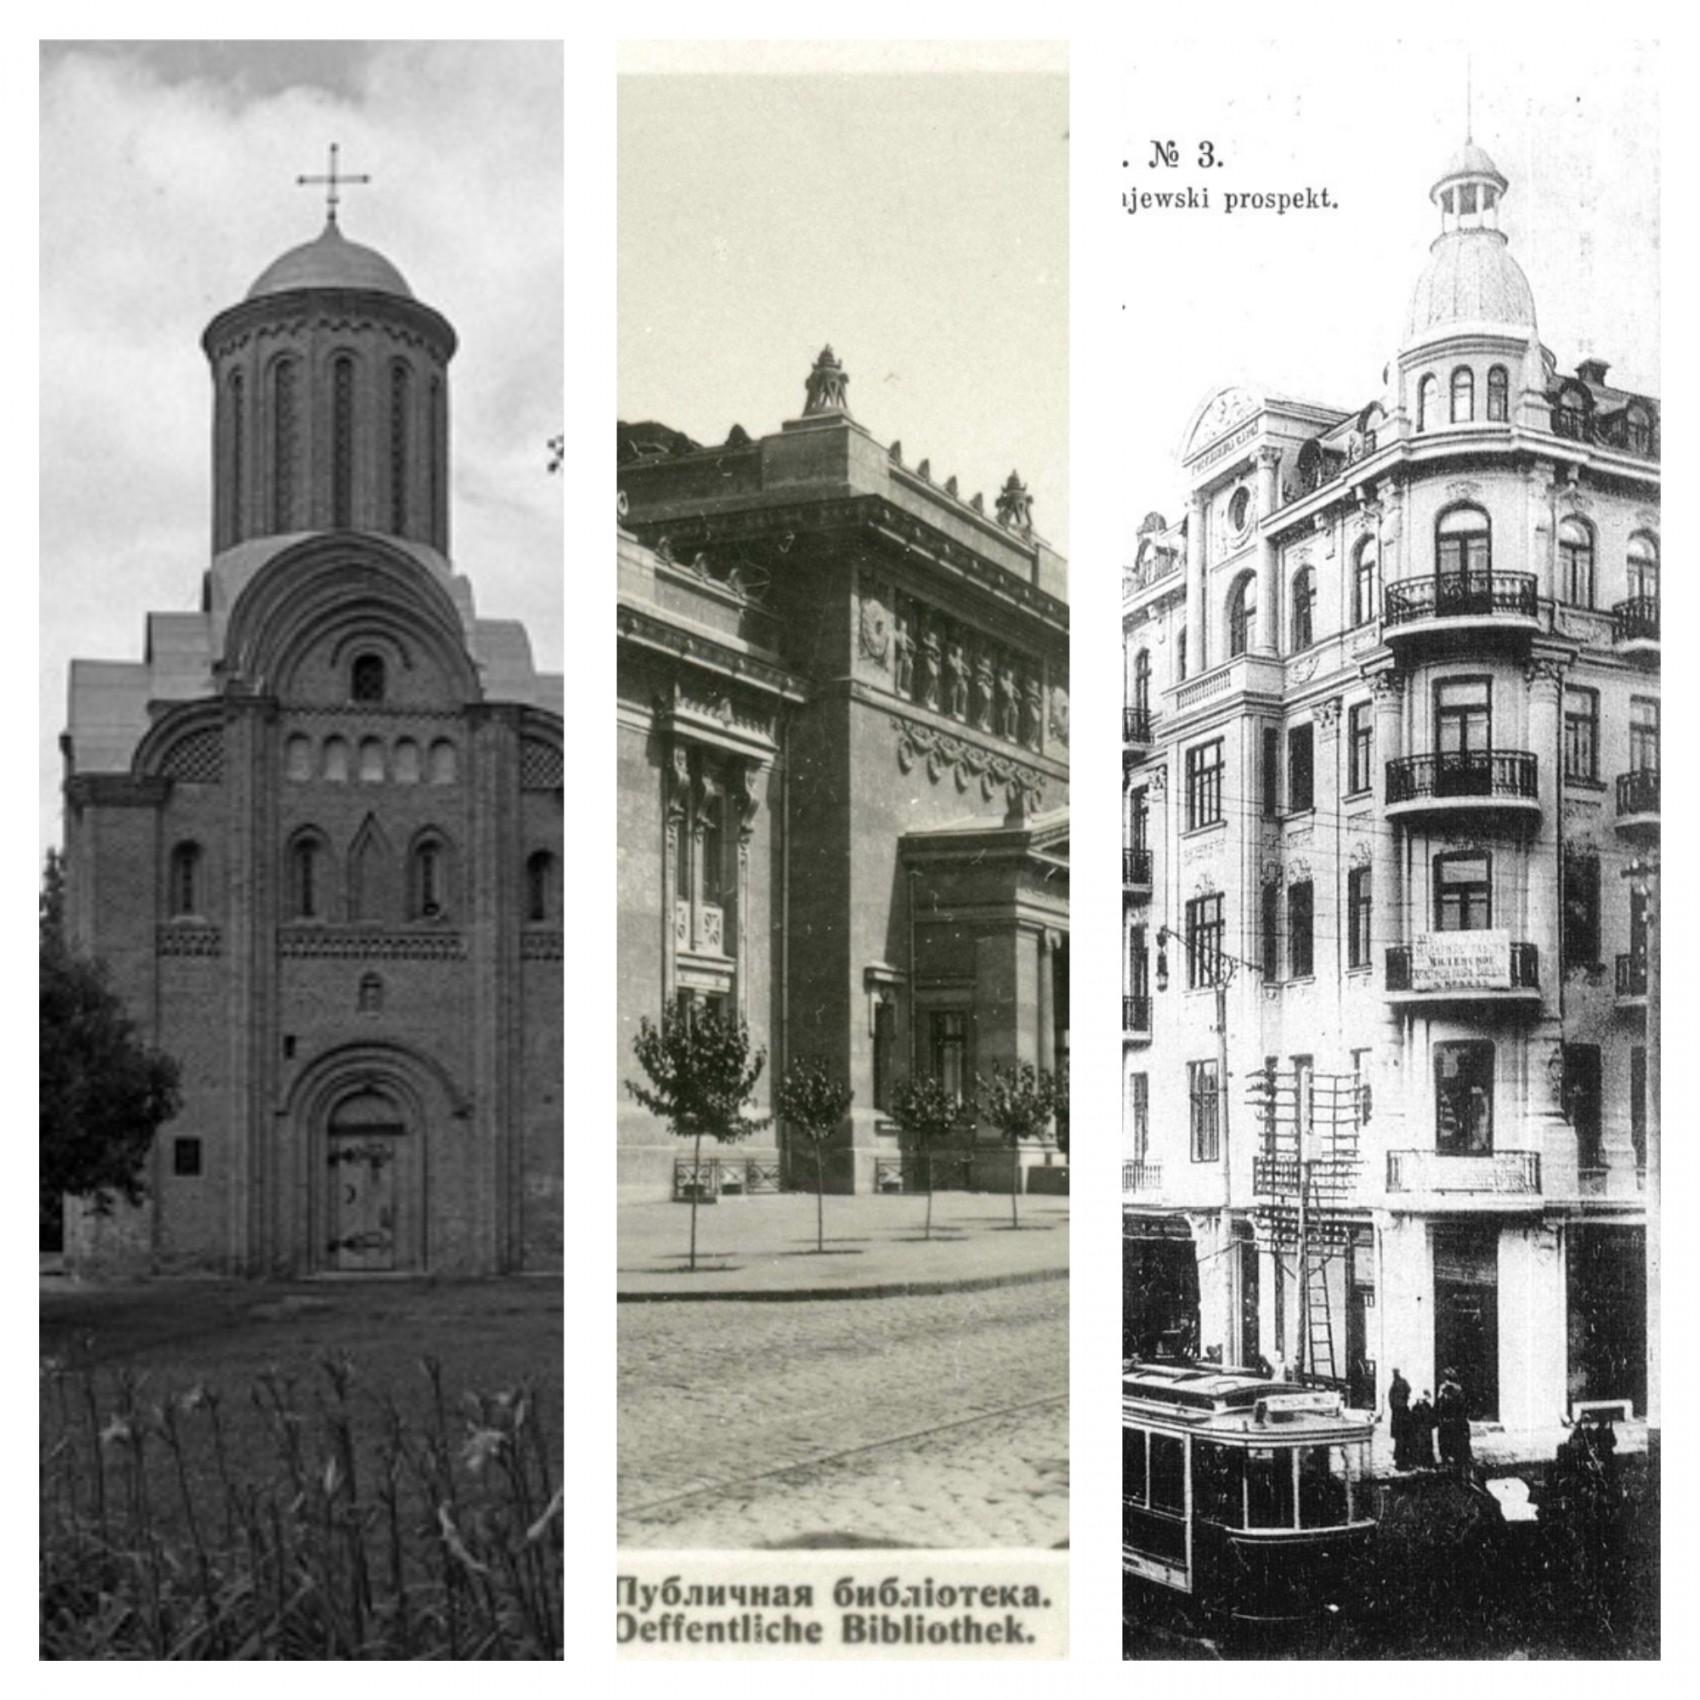 В якому місті перебувала Директорія в лютому–березні 1919 року після відступу з Києва в період другої війни більшовицької Росії проти УНР?